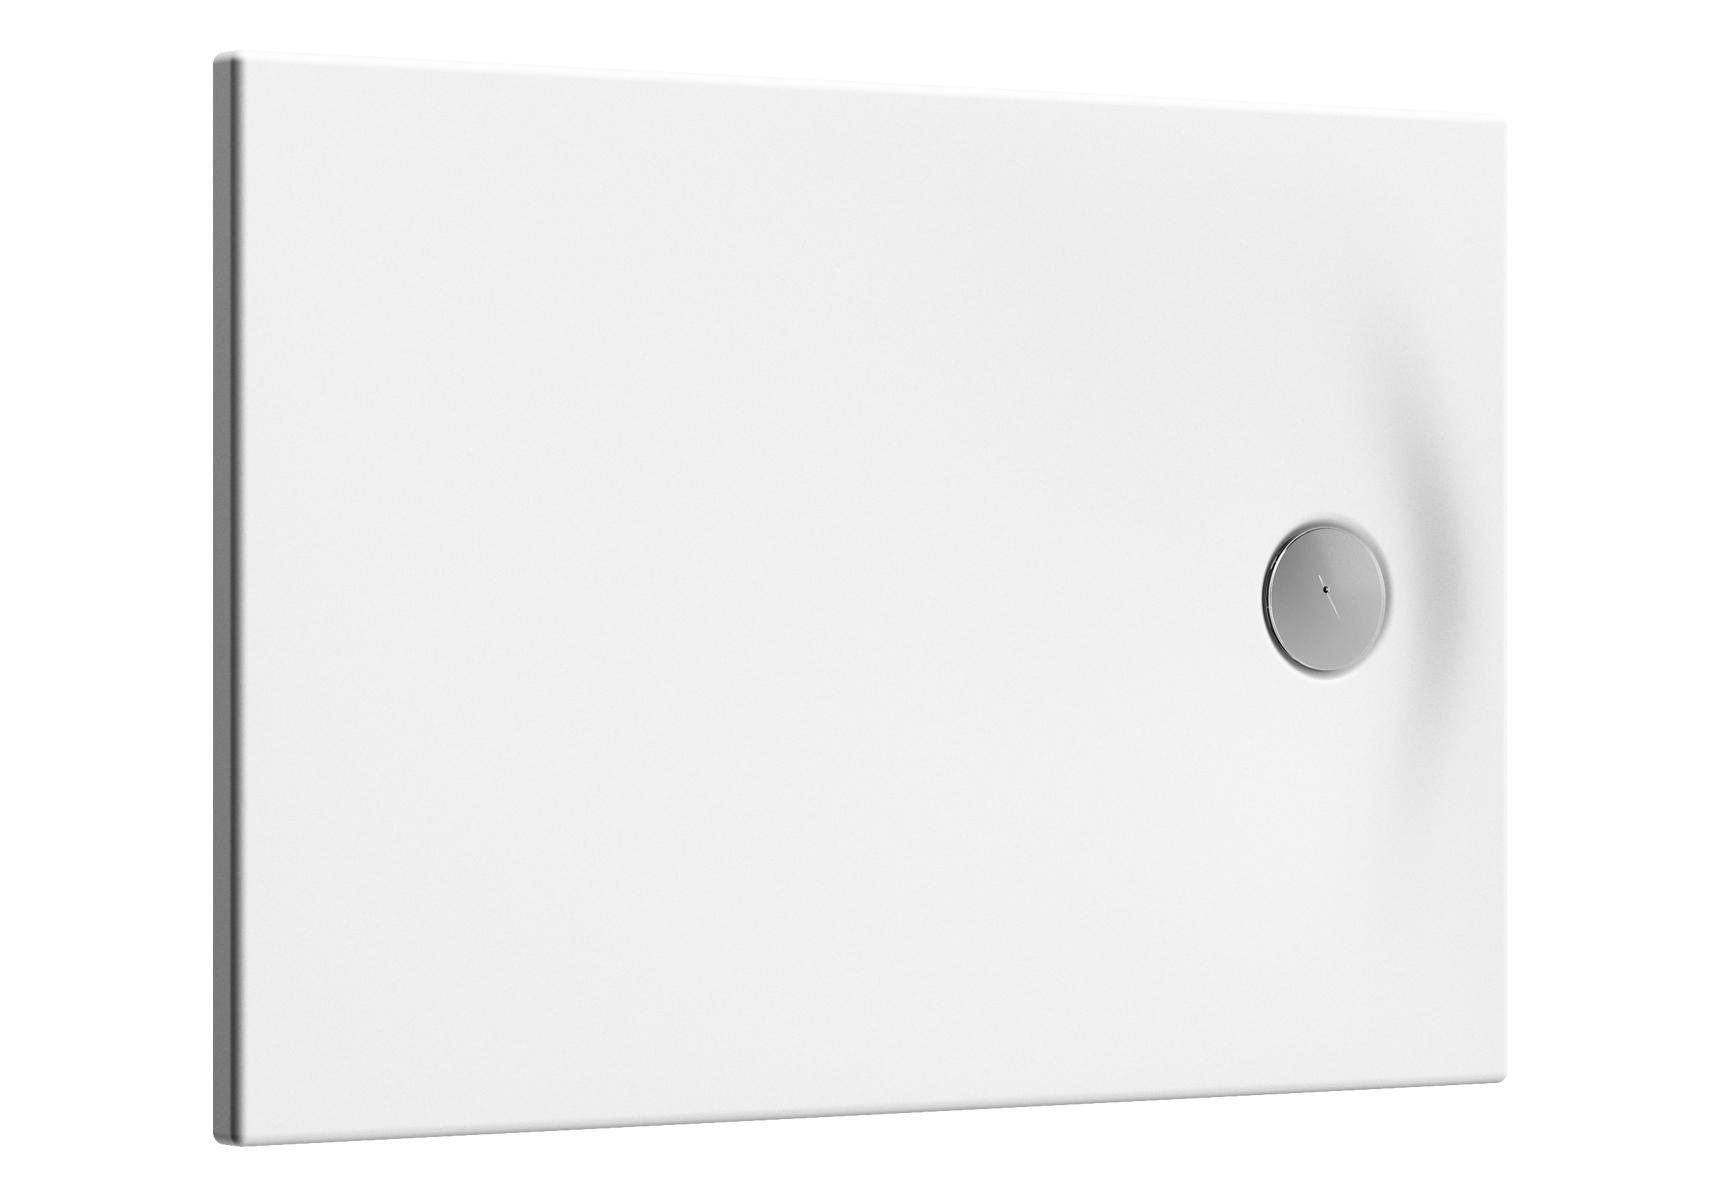 Smooth Duschwanne, 160 x 75 cm, Weiß